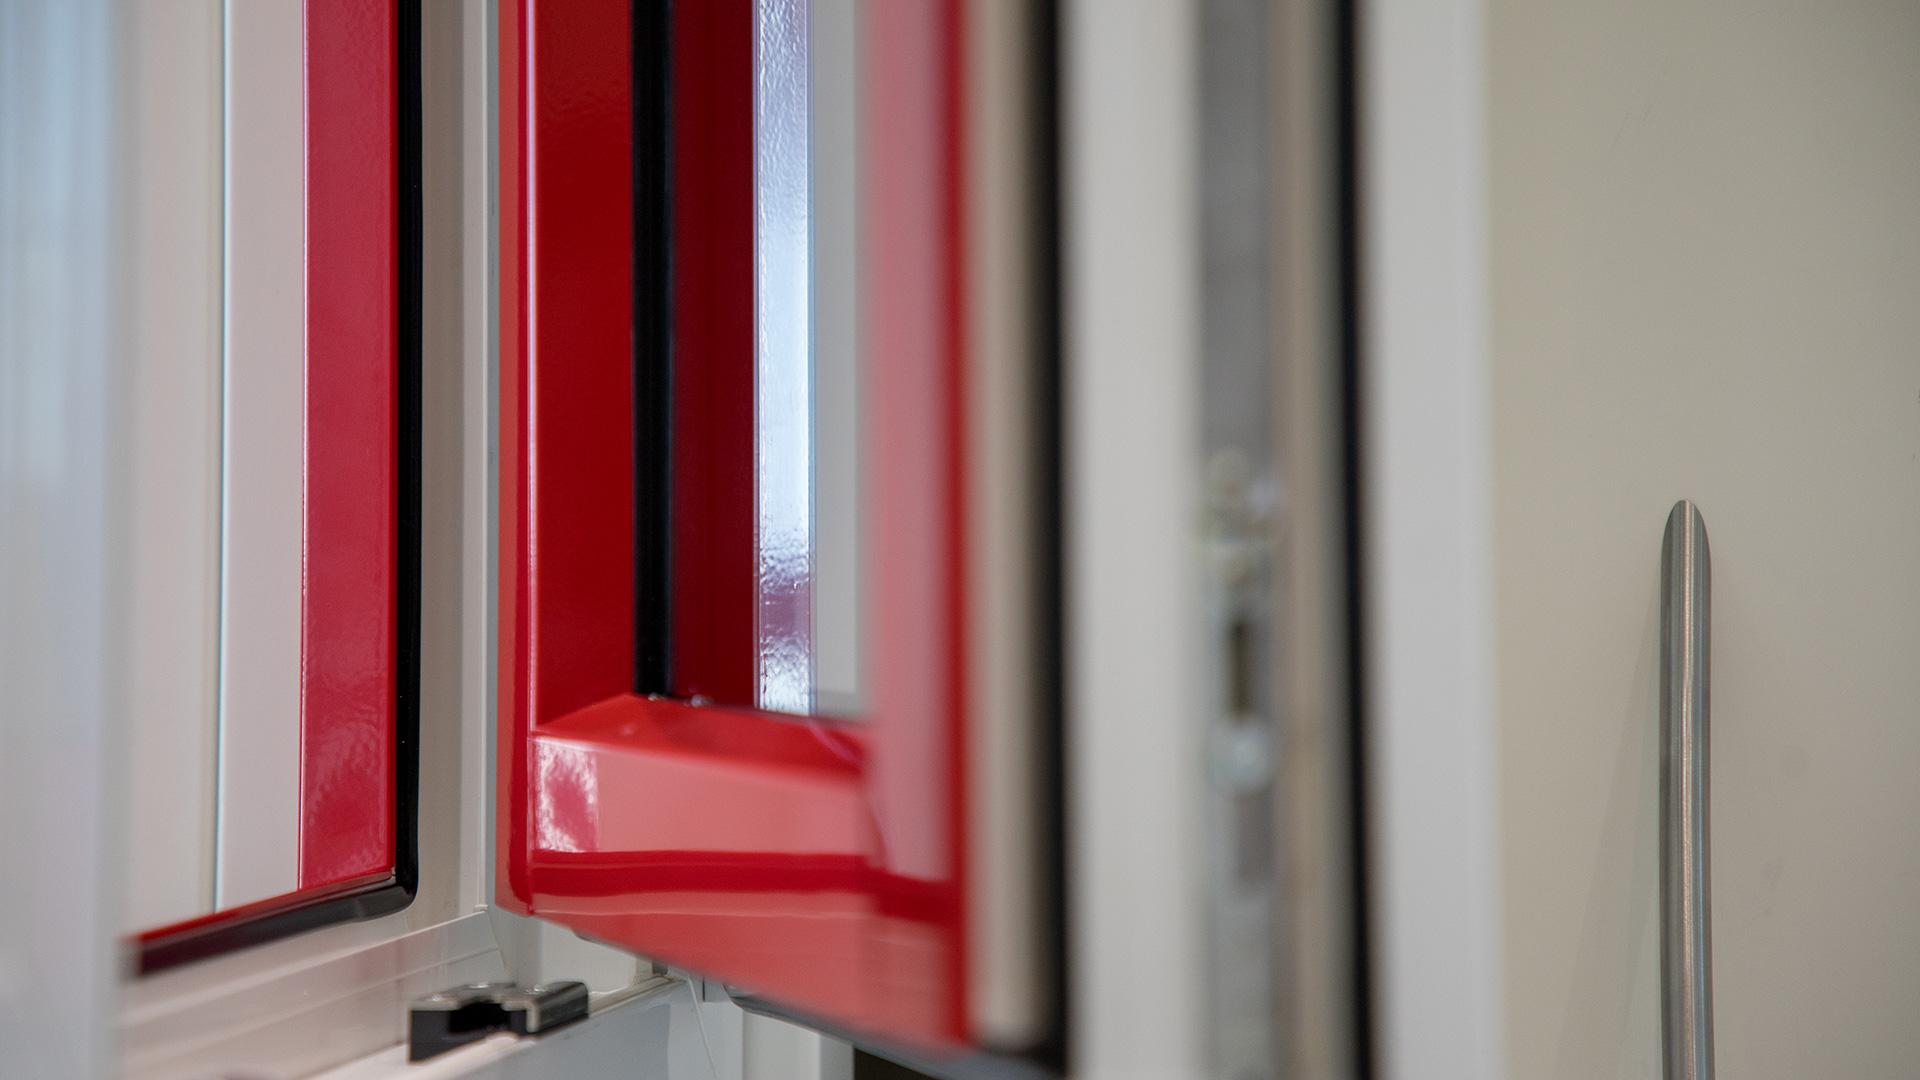 Full Size of Fenster Definition Firmen Deutschland Dekorieren Deko Der Die Das Detail Schnitt Cad Dwg Fensterdeko Basteln Weihnachten Ou Ist Oder Design Detailzeichnung Fenster Fenster.de